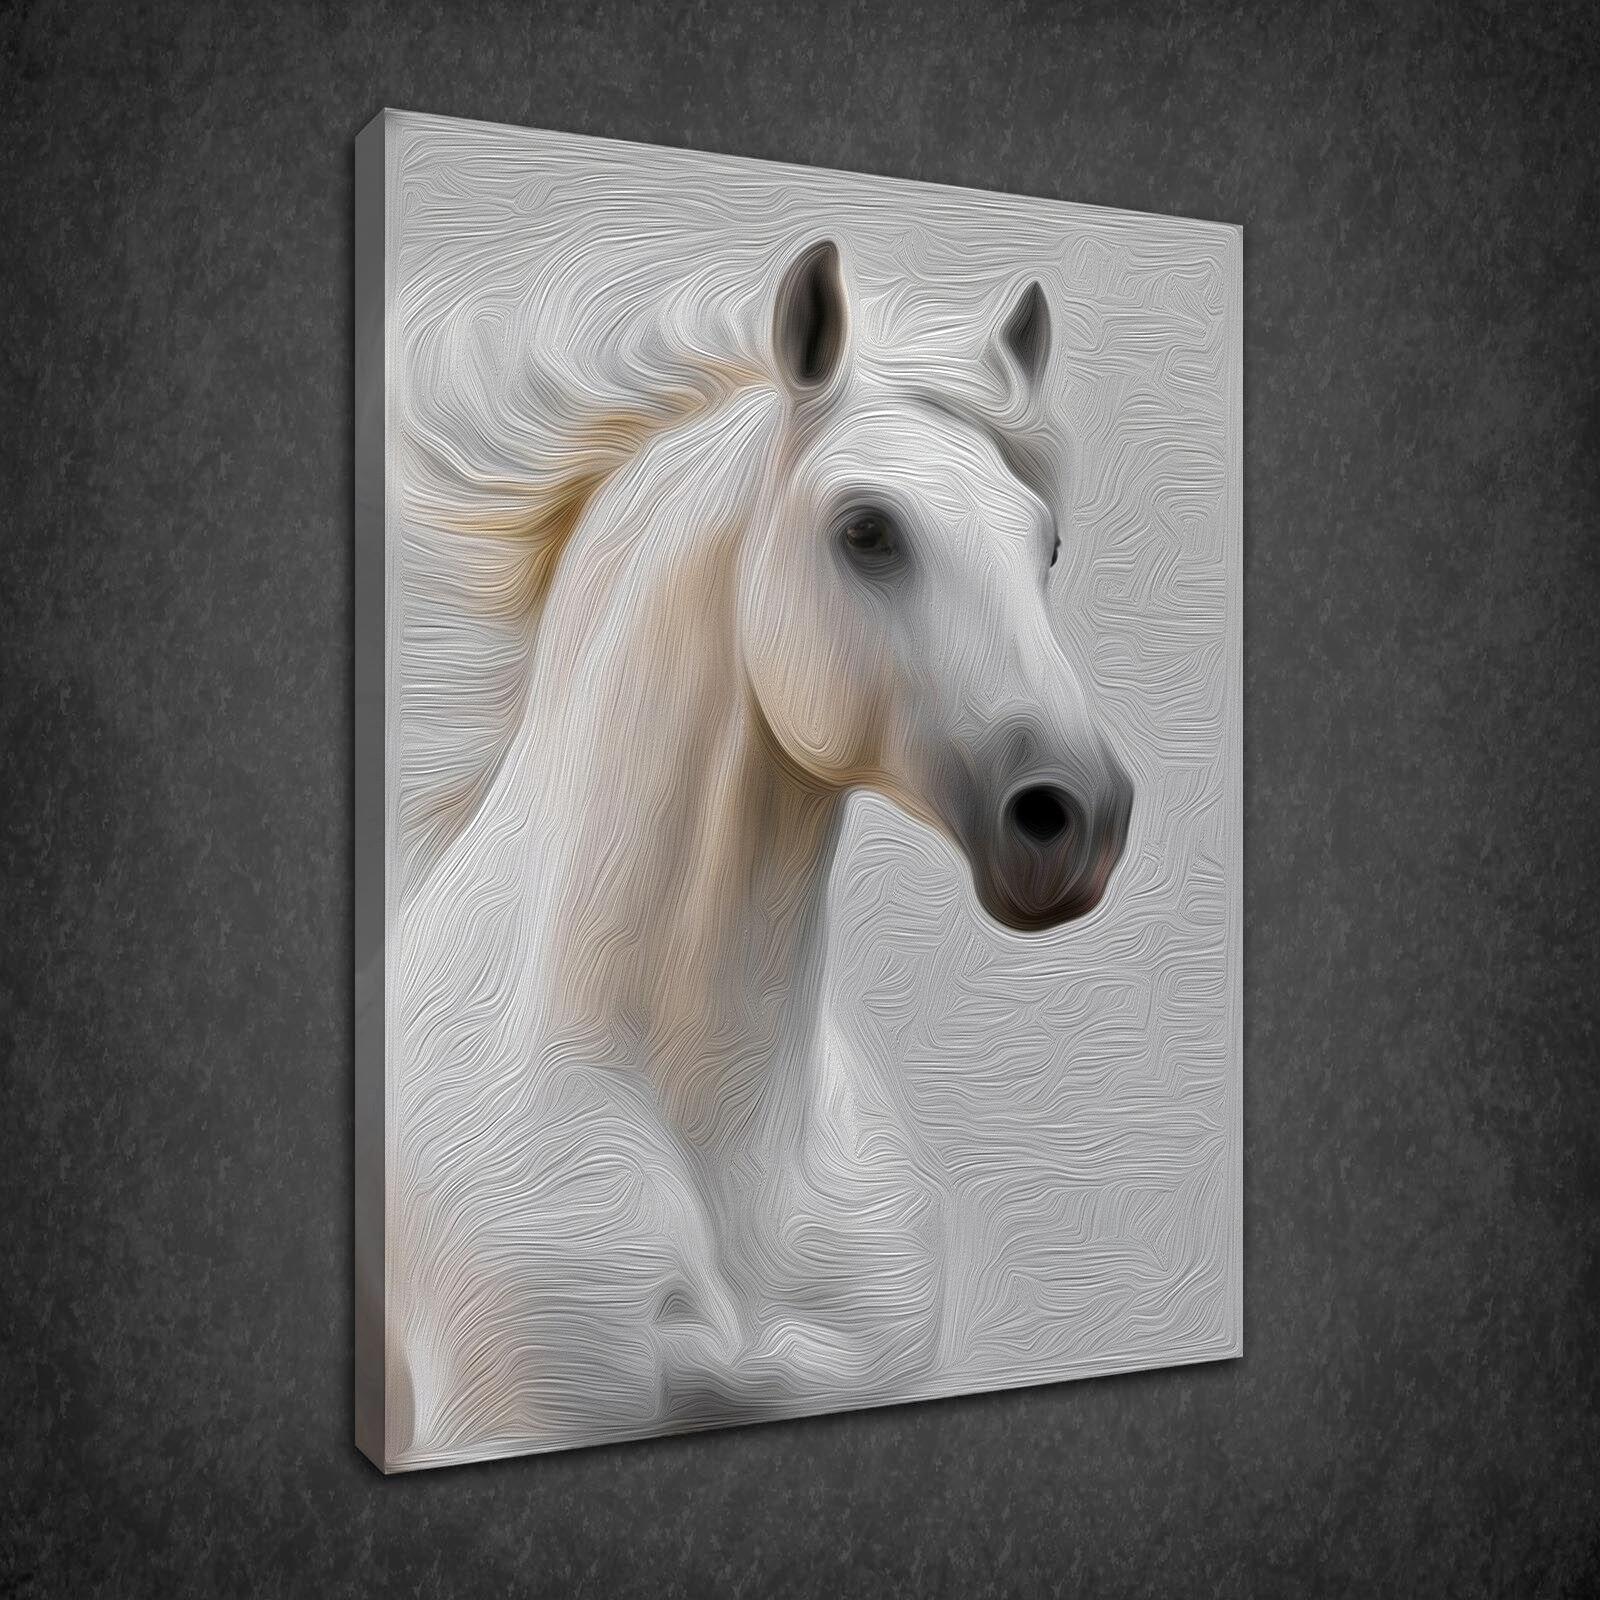 BELLISSIMO CAVALLO BIANCO Stallion Pittura Stile di stampa art. a muro foto